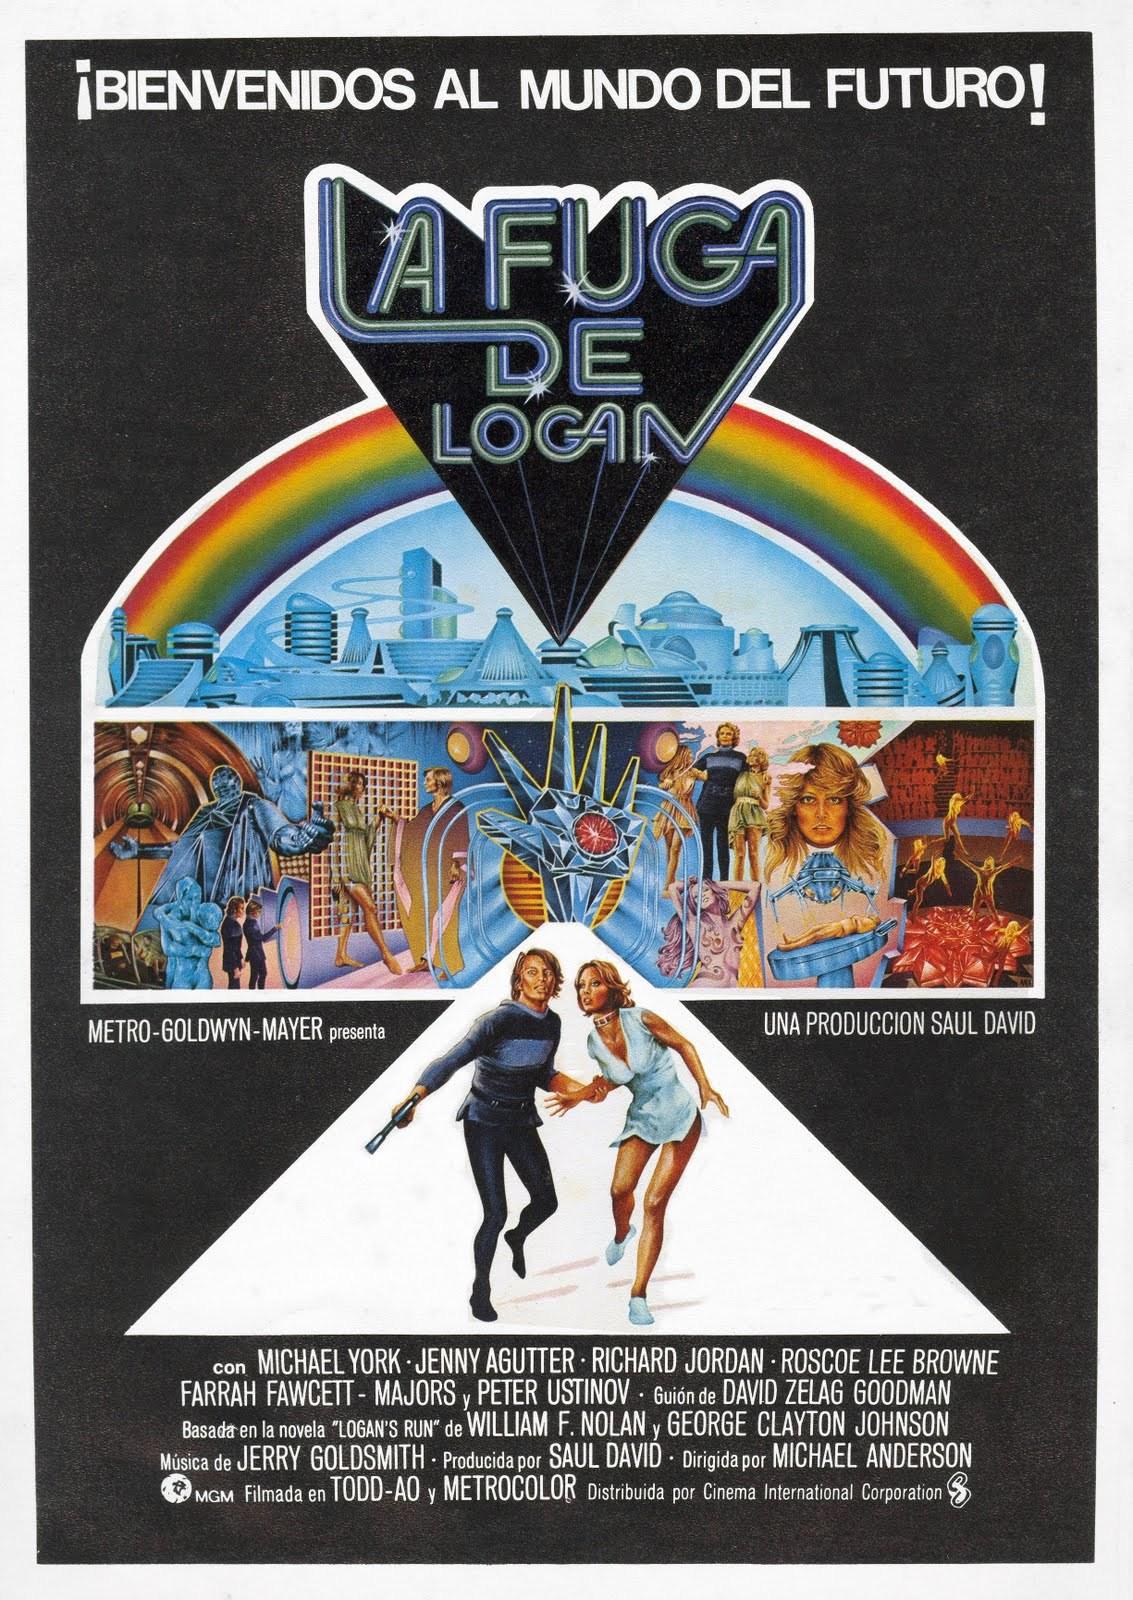 La fuga de Logan cartel.lecoolvalencia